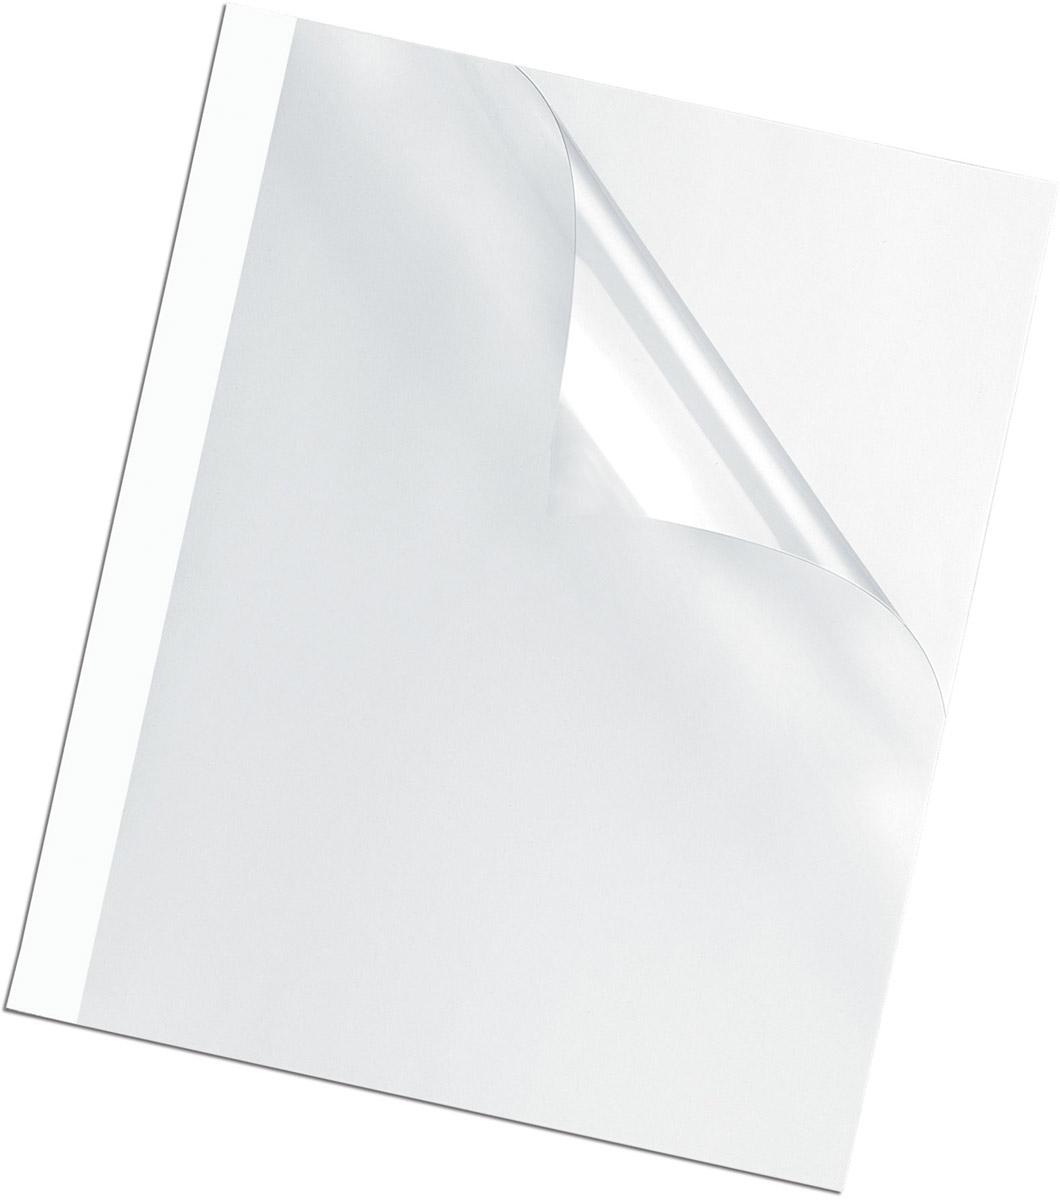 Fellowes A4 FS-53152 обложка для термопереплета, 3 мм (100 шт)FS-53152Обложка для термопереплета предназначена для оформления документов. Верх обложки – прозрачный PVC (150мкм), низ – глянцевый картон (220гр/кв.м). 100шт. в розничной упаковке.